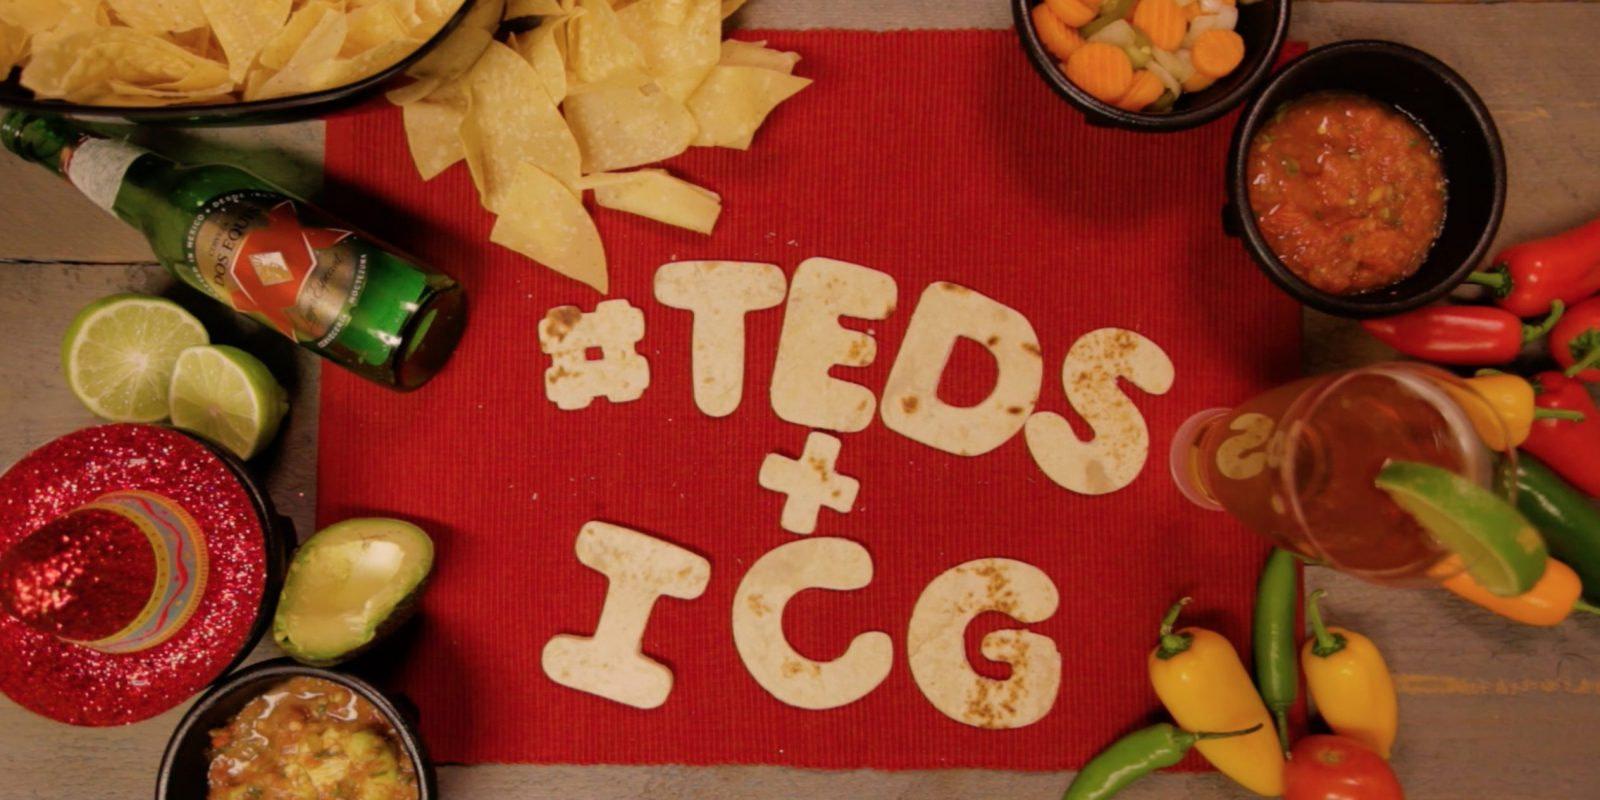 TedsICG-e1516229533220